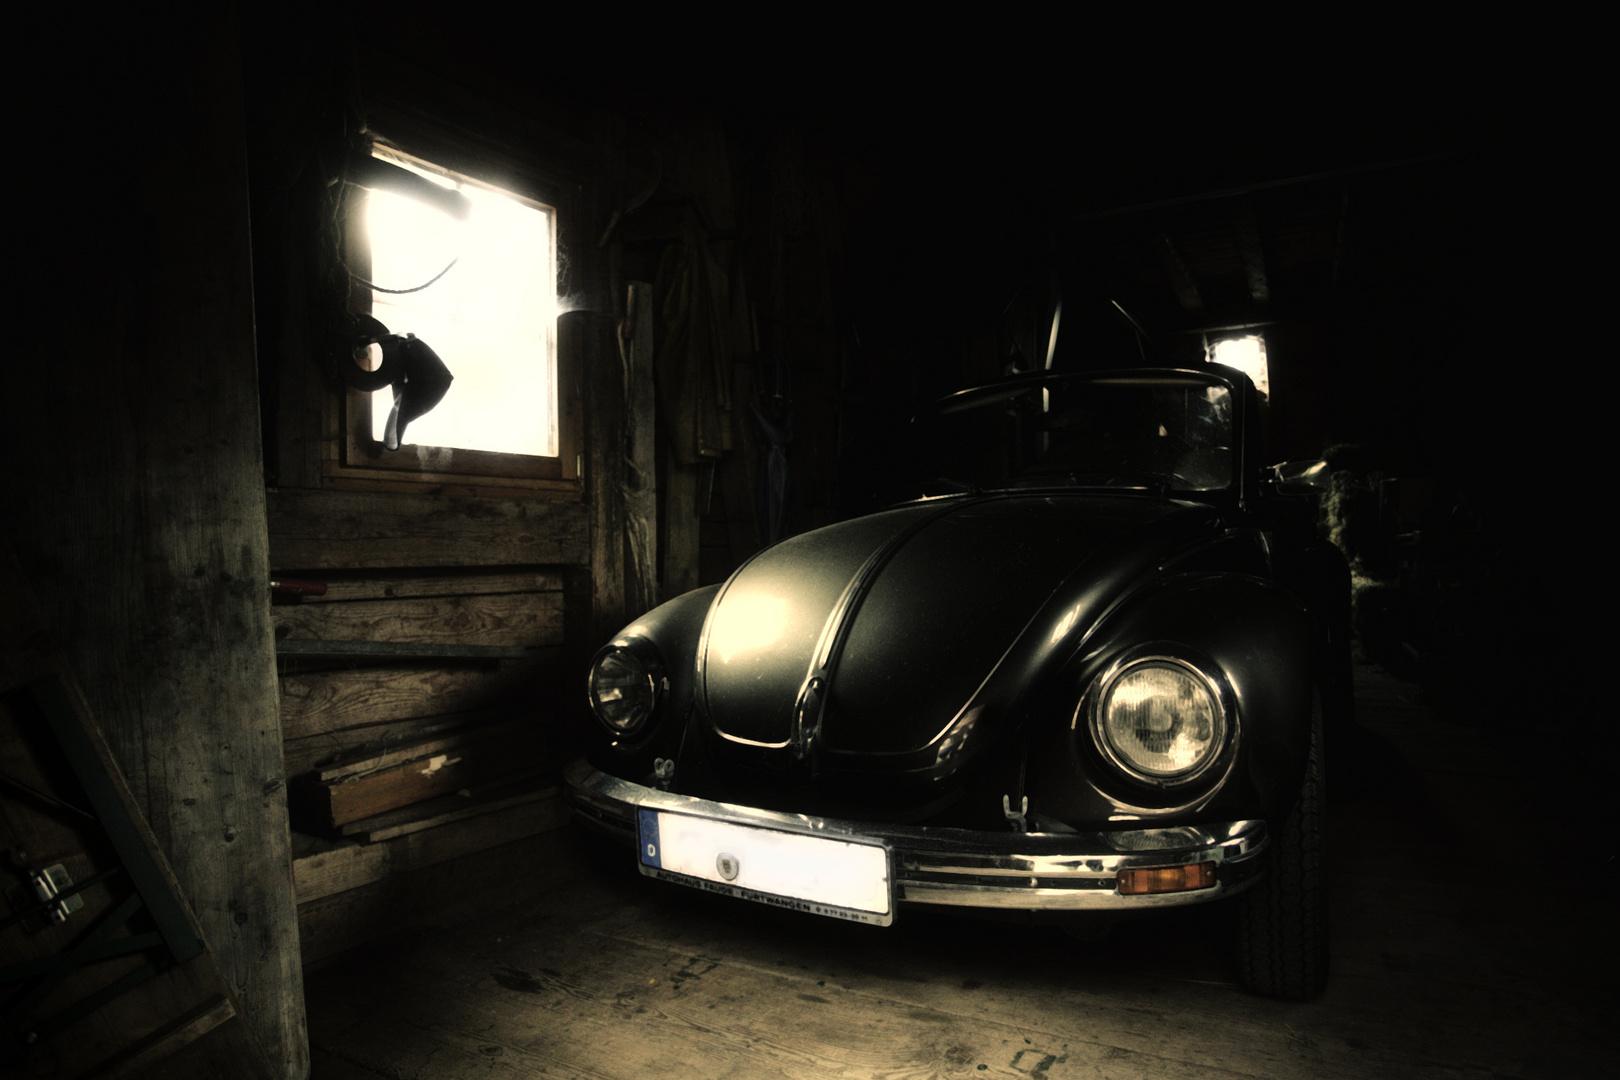 der Käfer aus der Scheune